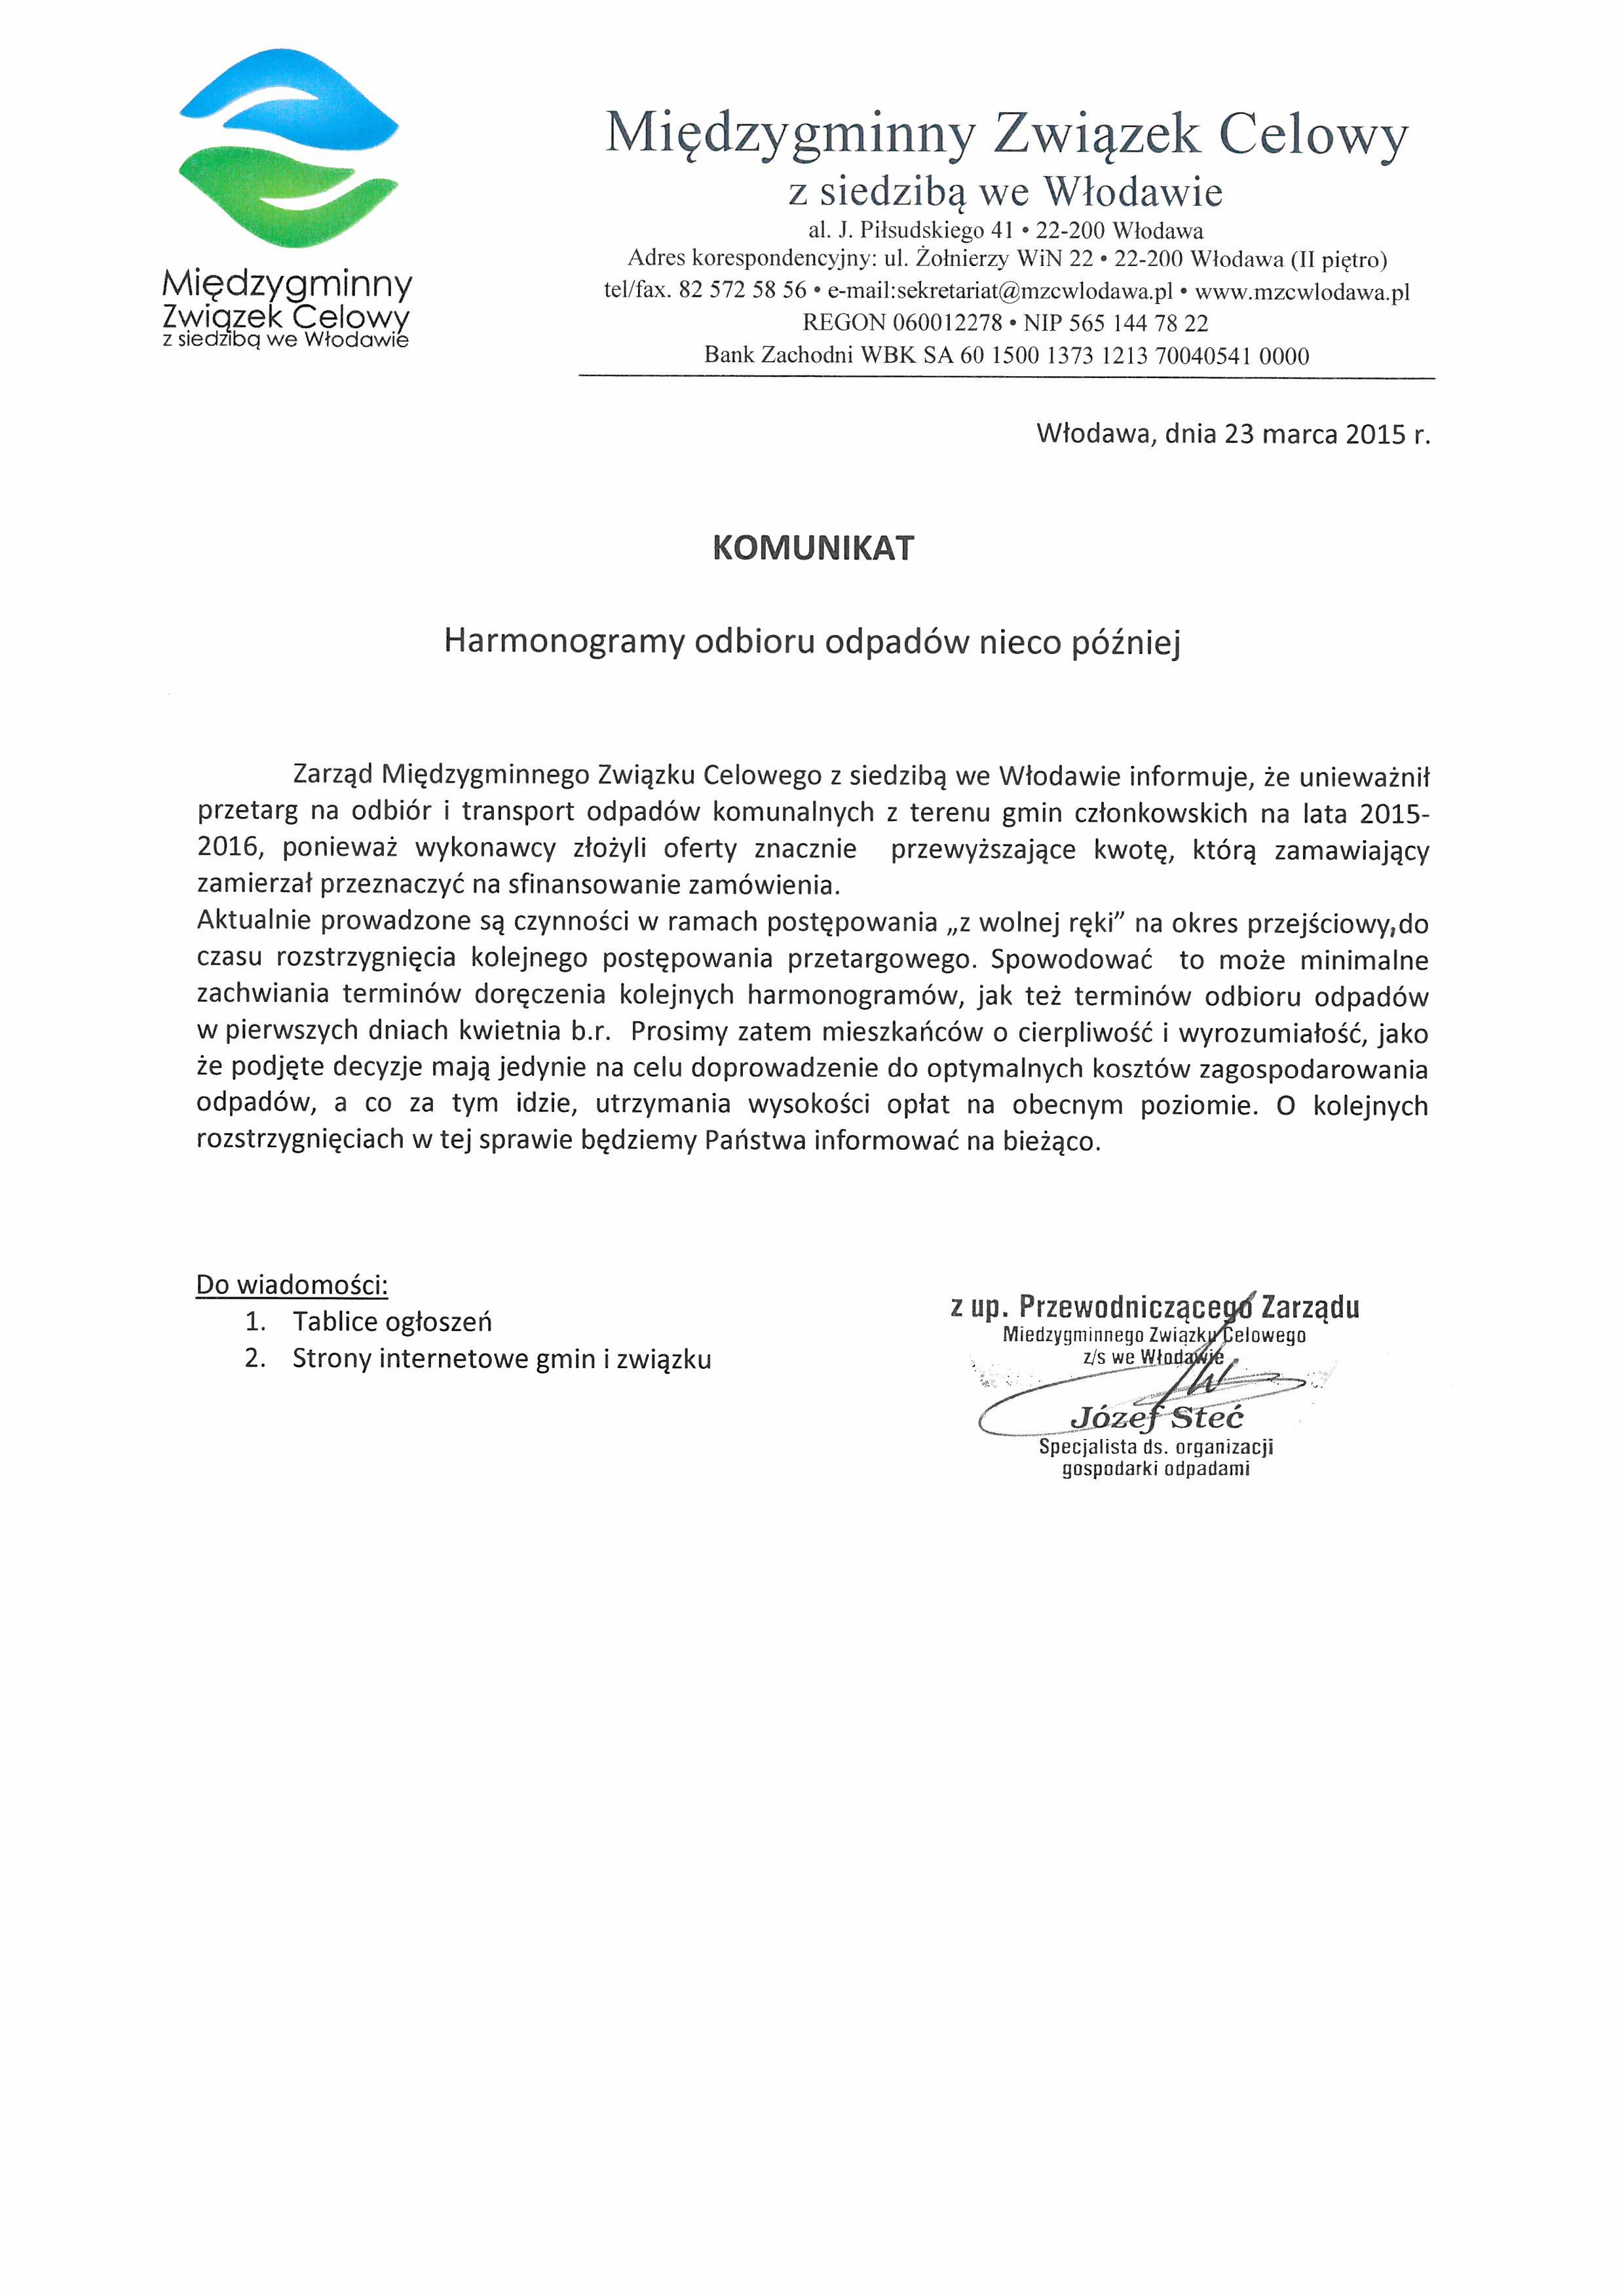 Komunikat_MZC_w_sprawie_odbioru_odpadów.pdf.01